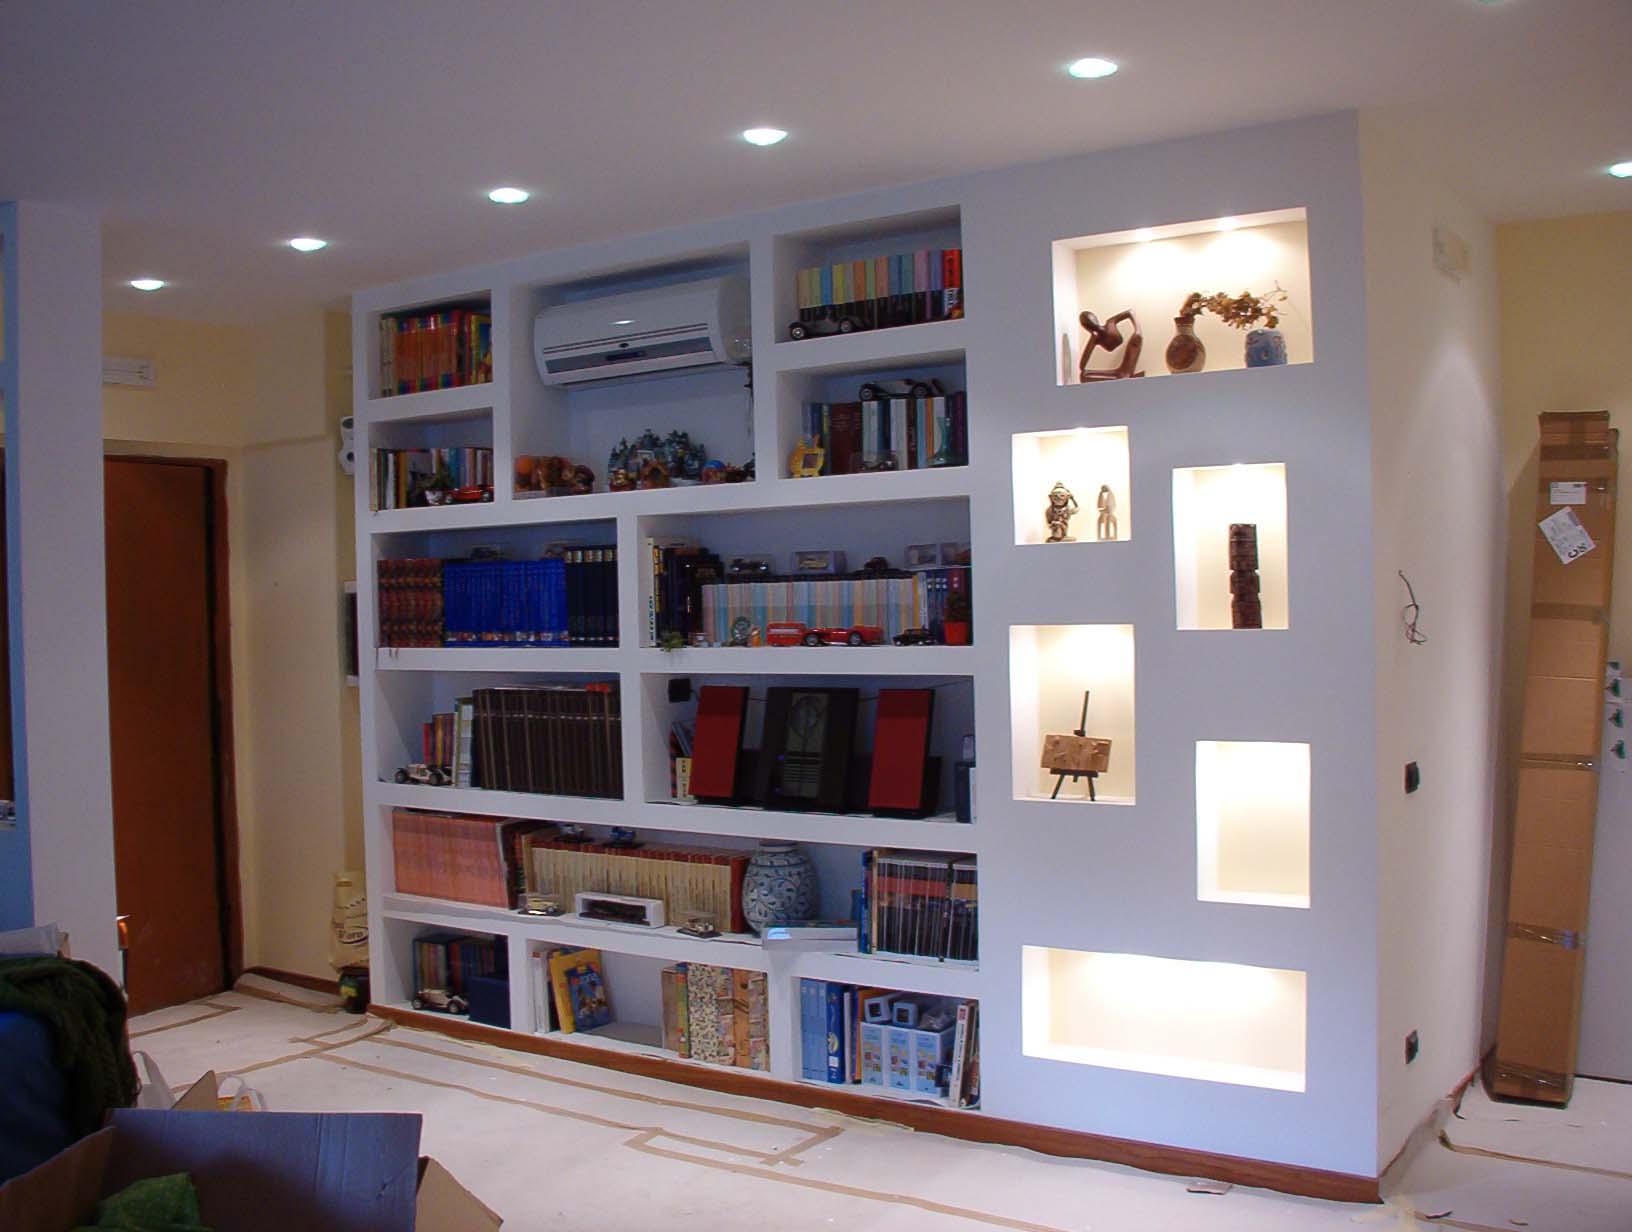 Foto arredi fissi arredamento casa edilizia - Foto arredamento casa ...